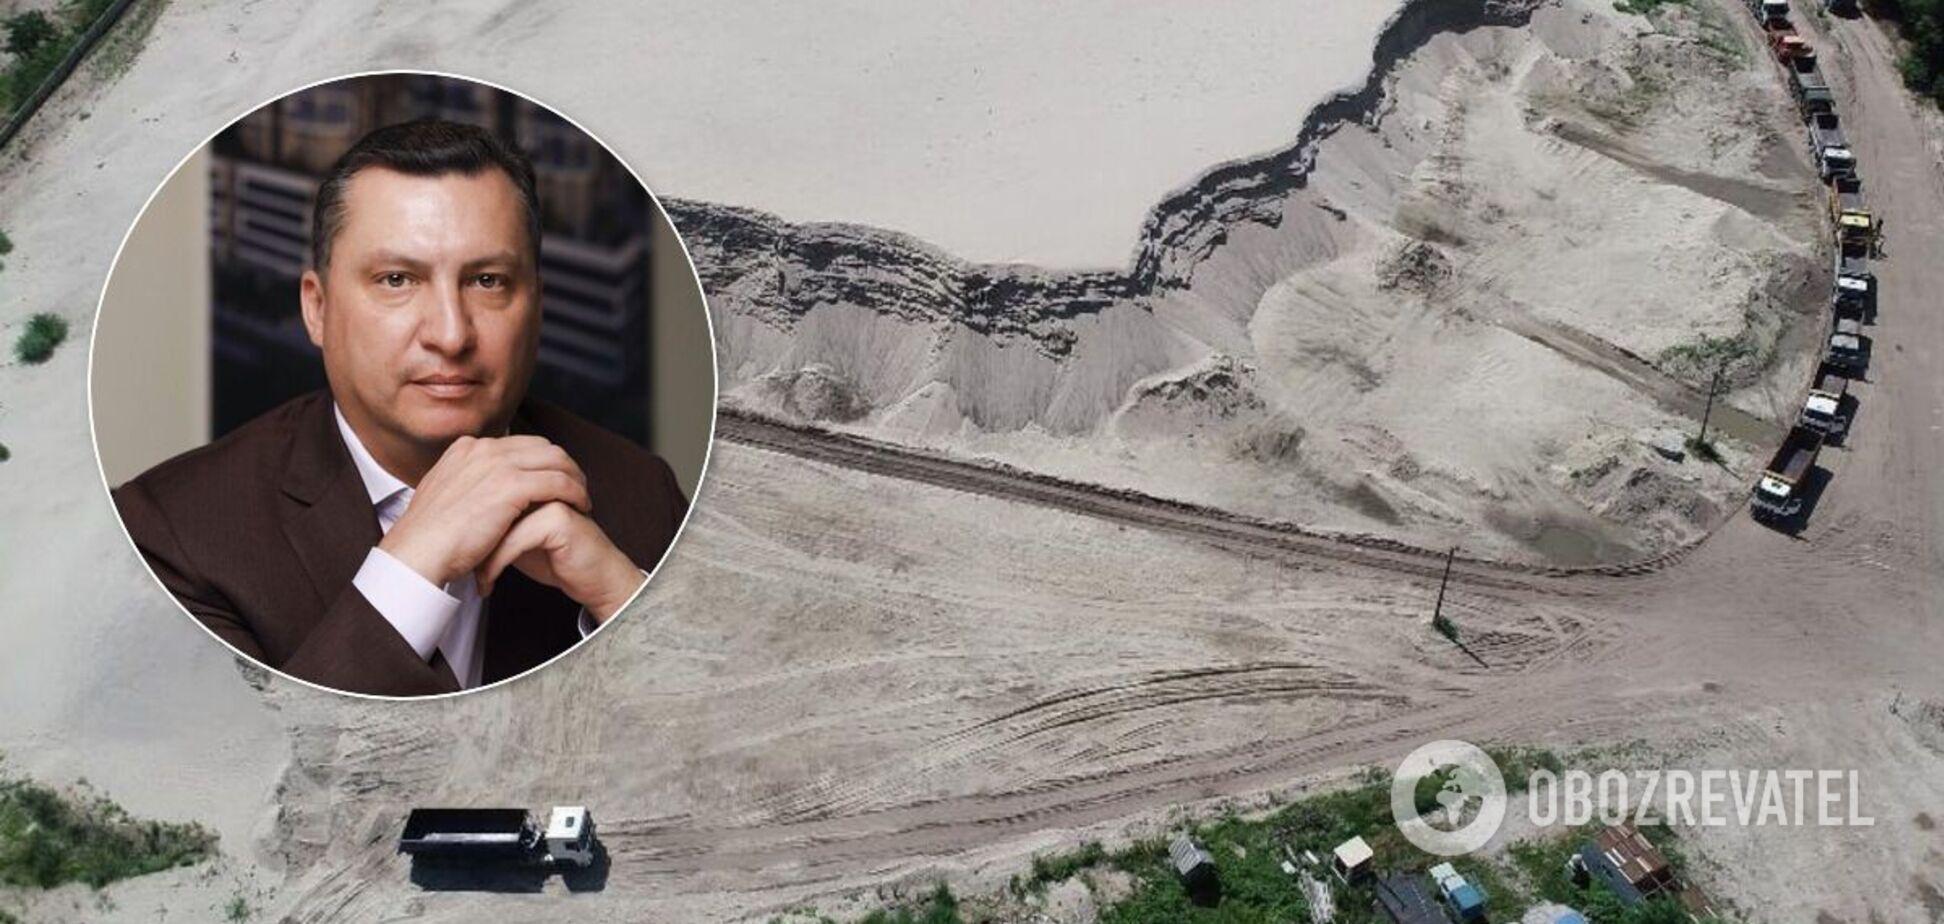 Суд поставил точку в конфликте вокруг земли на Выдубичах между Киевсоветом, 'агентом НАБУ' Кучером и его партнером Продивусом